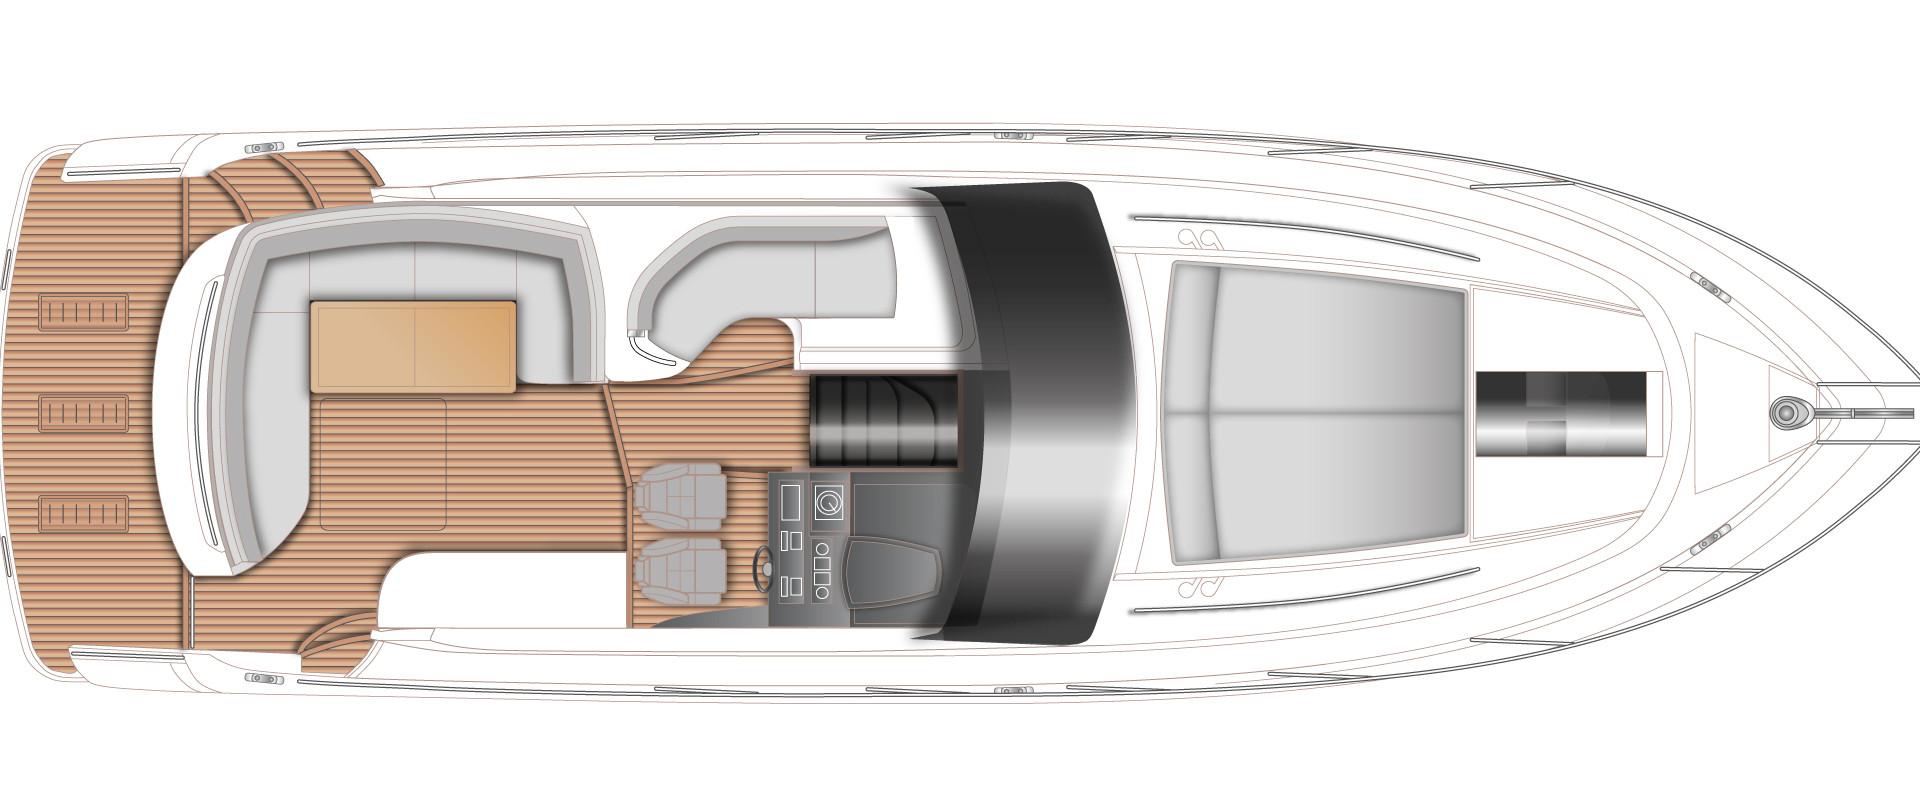 v40-layout-main-deck.jpg